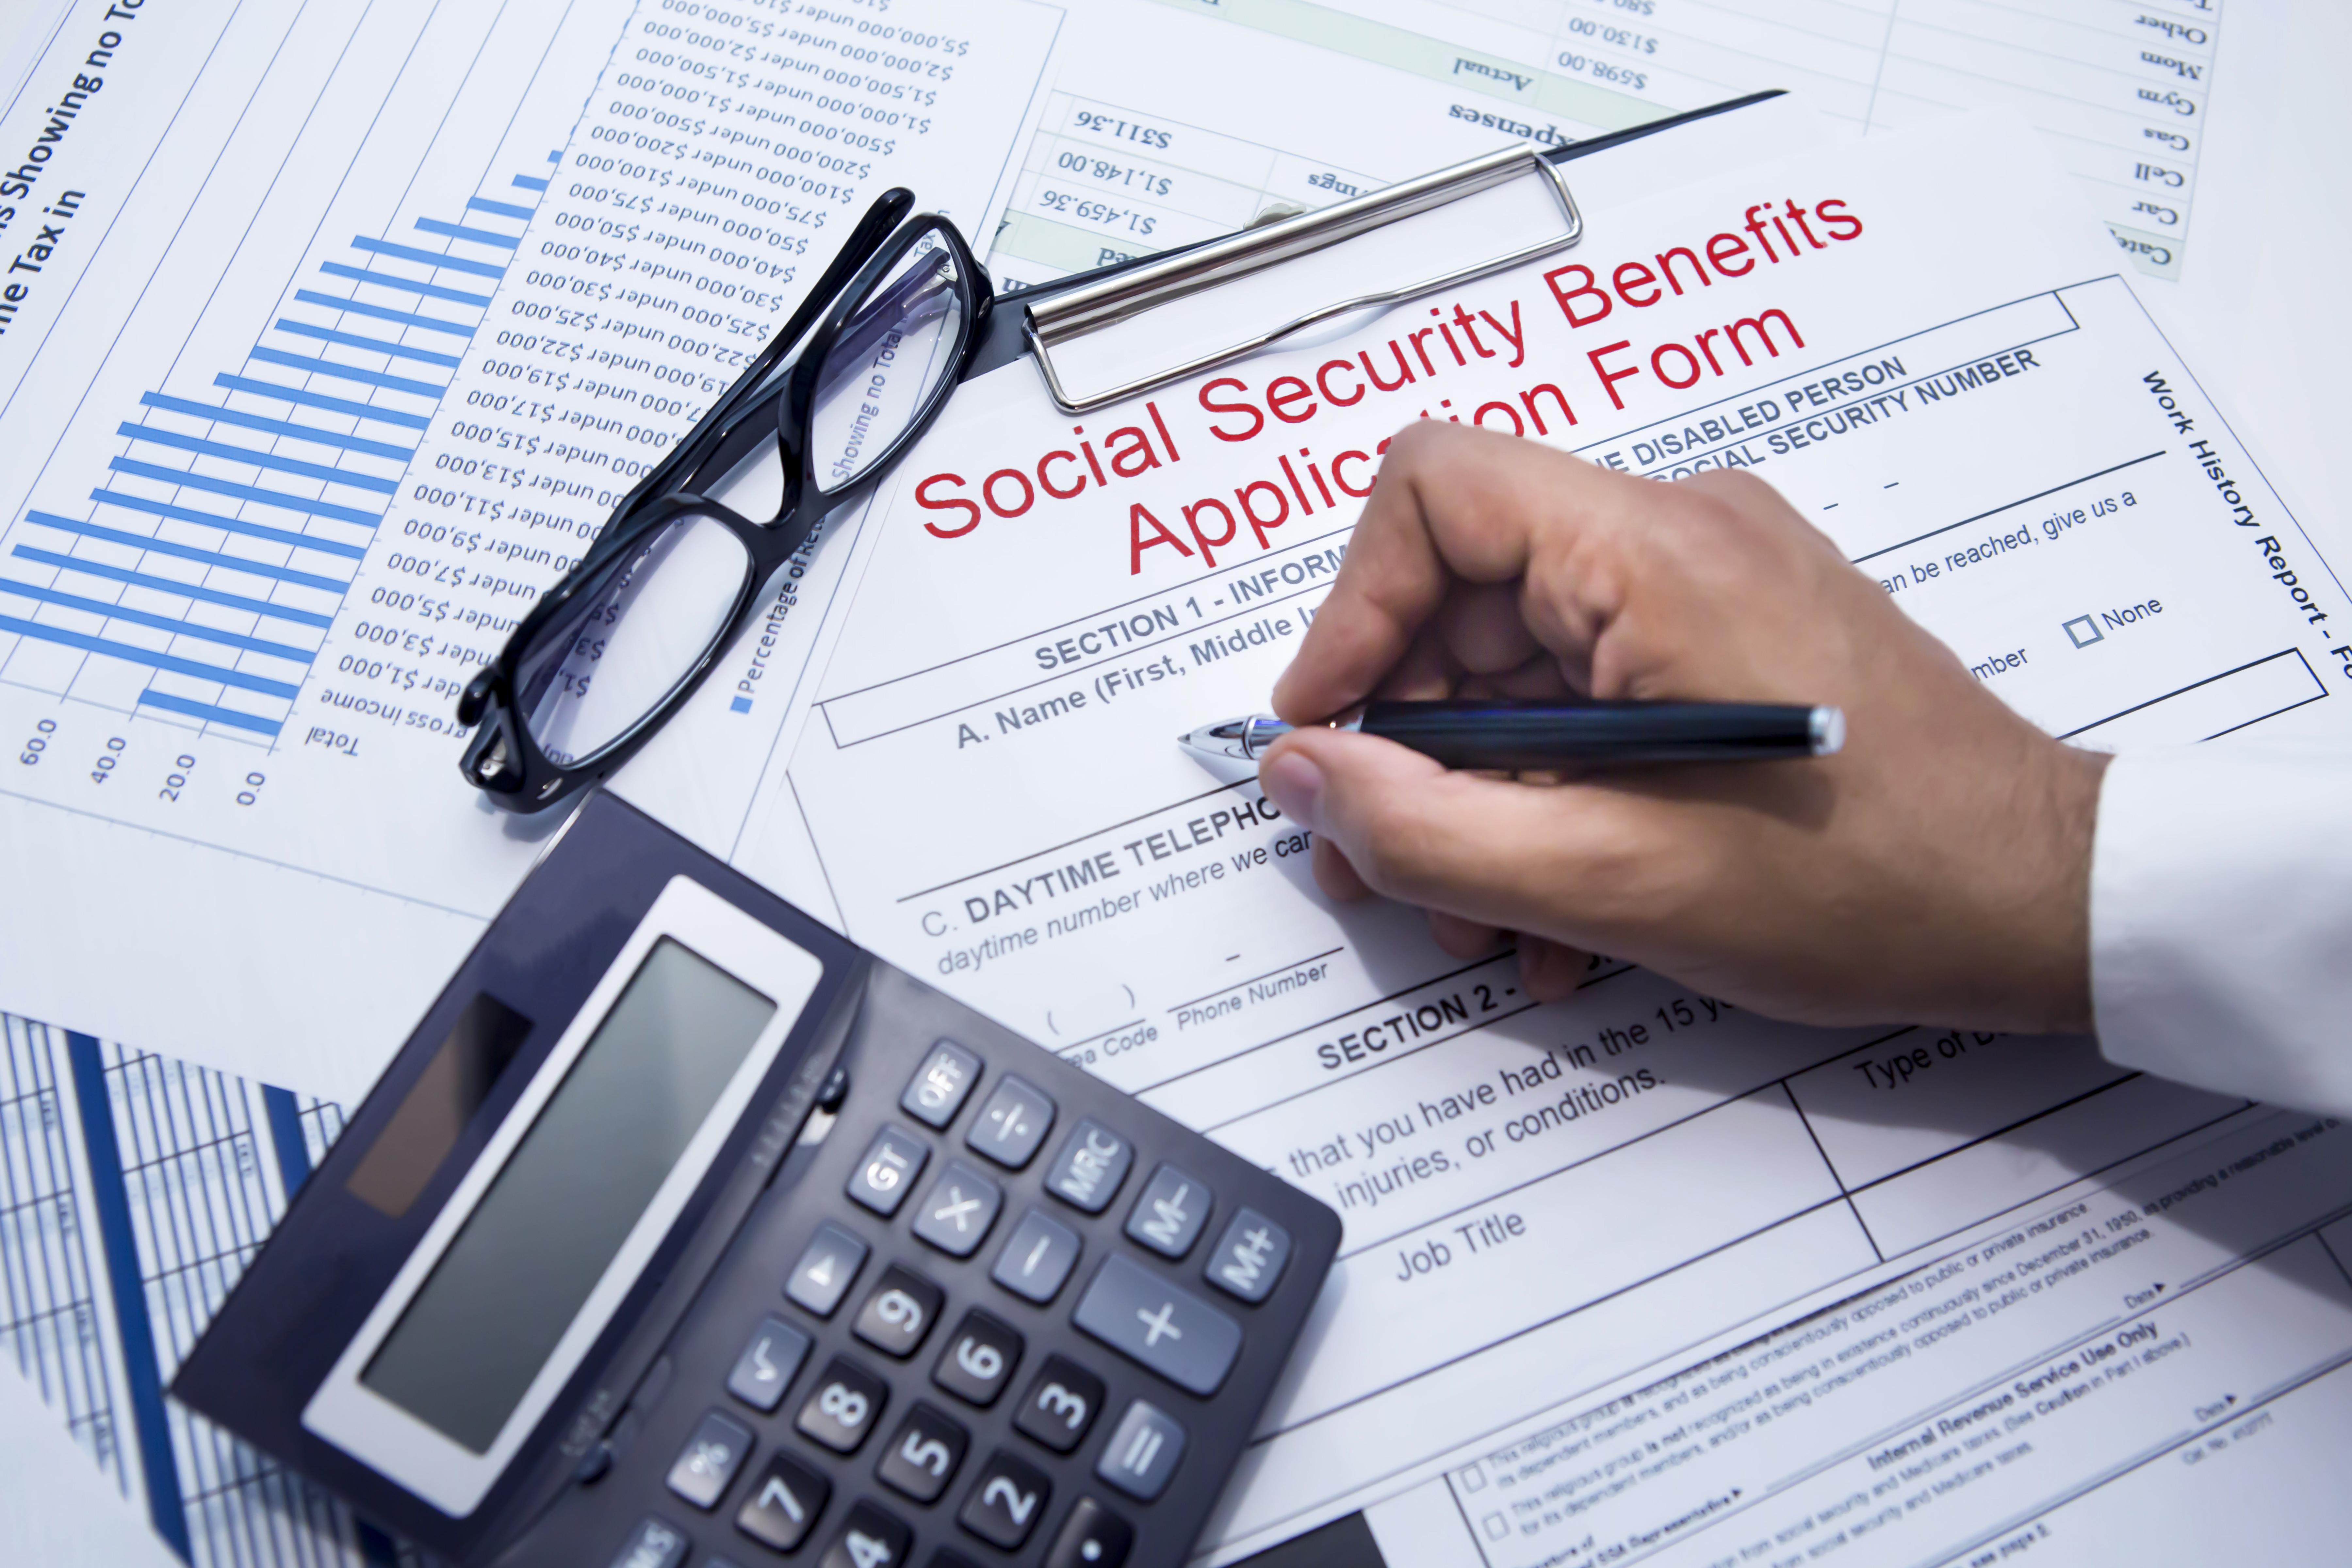 Social Security enrollment form.